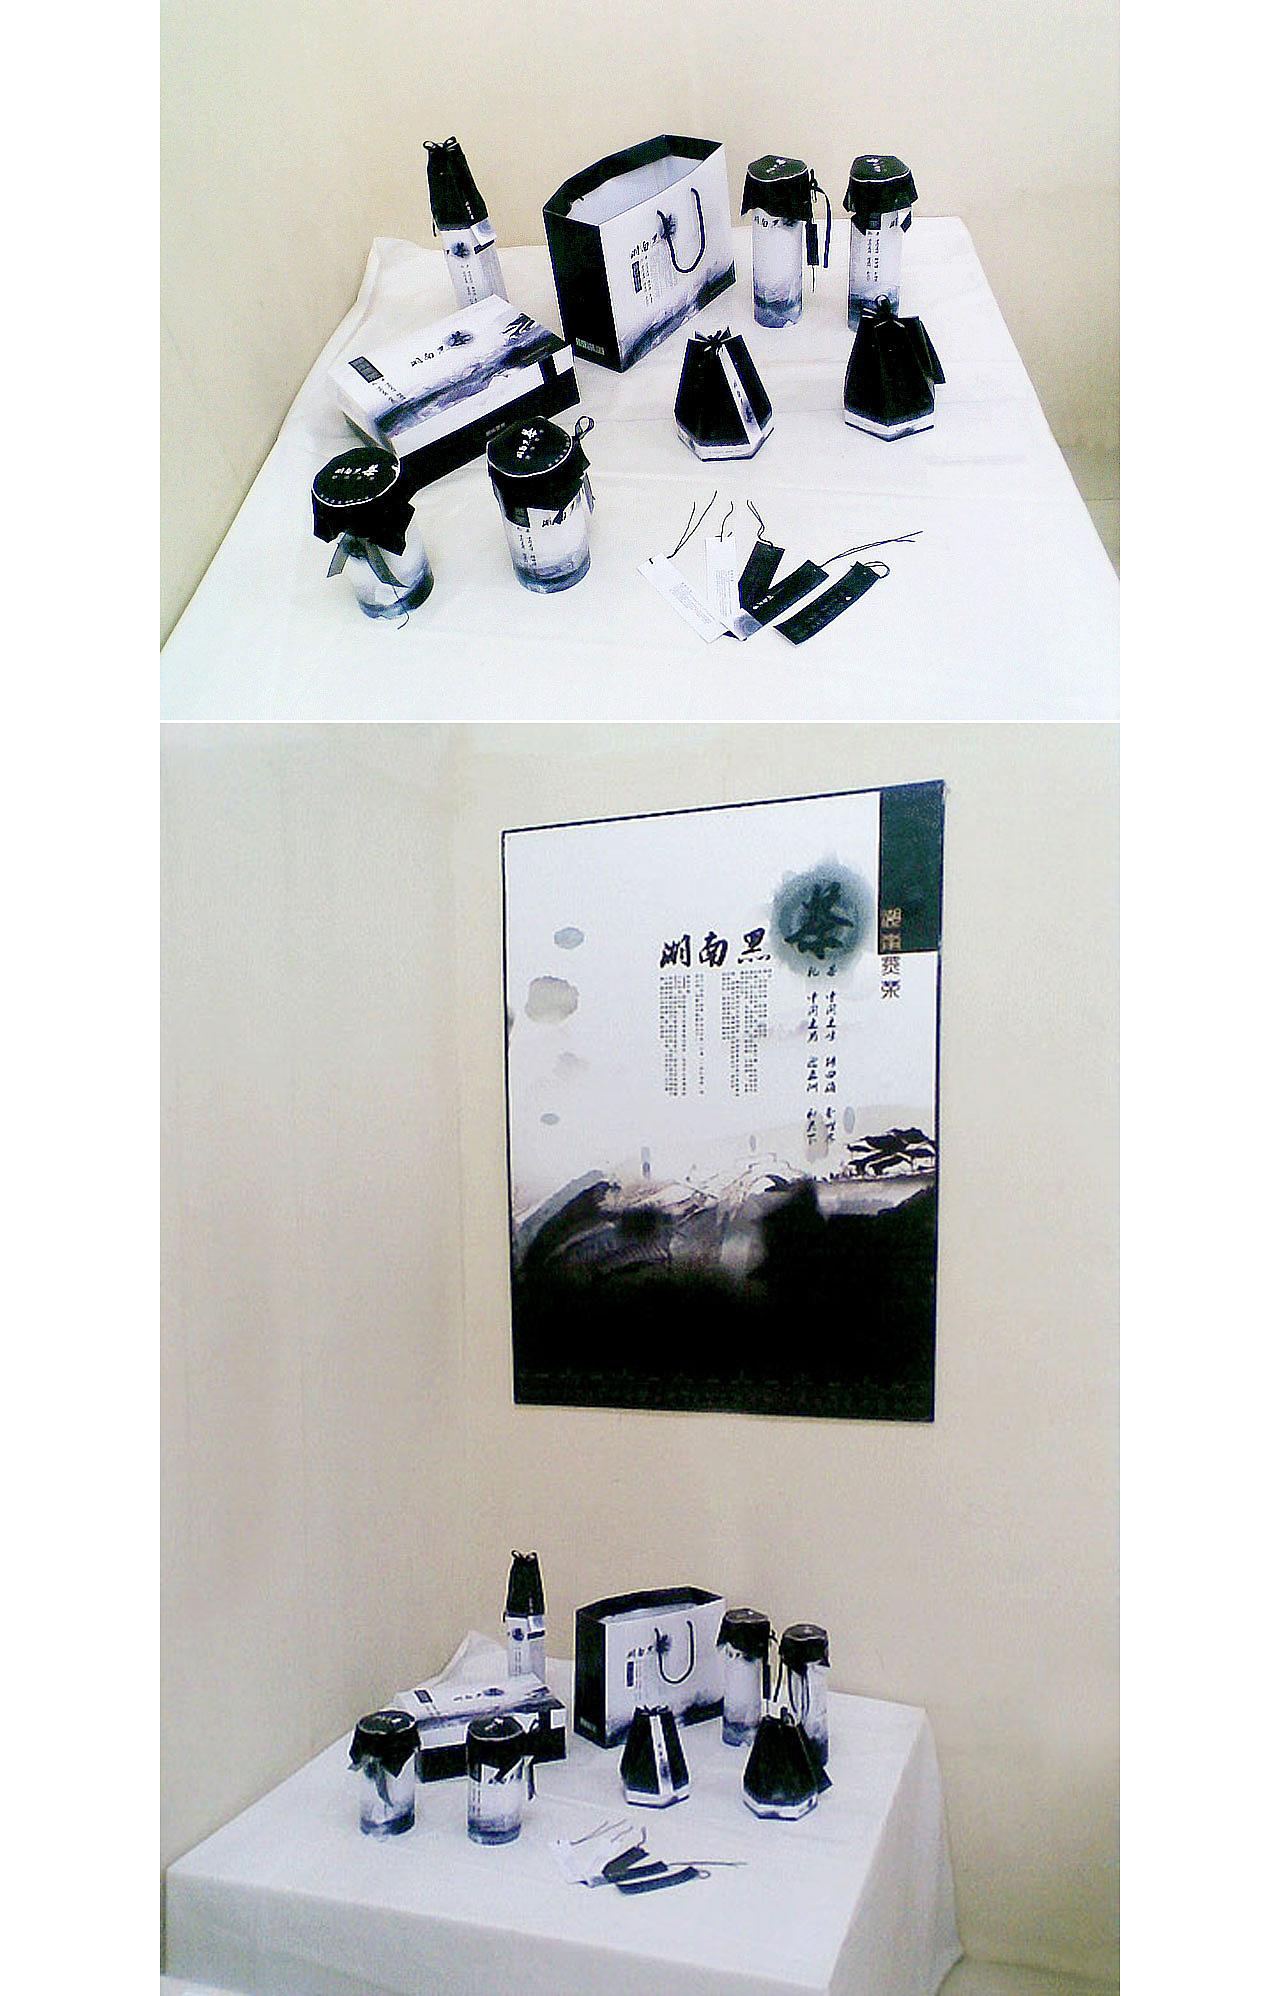 中国风食品包装\/毕业设计\/干果系列包装\/黑茶系